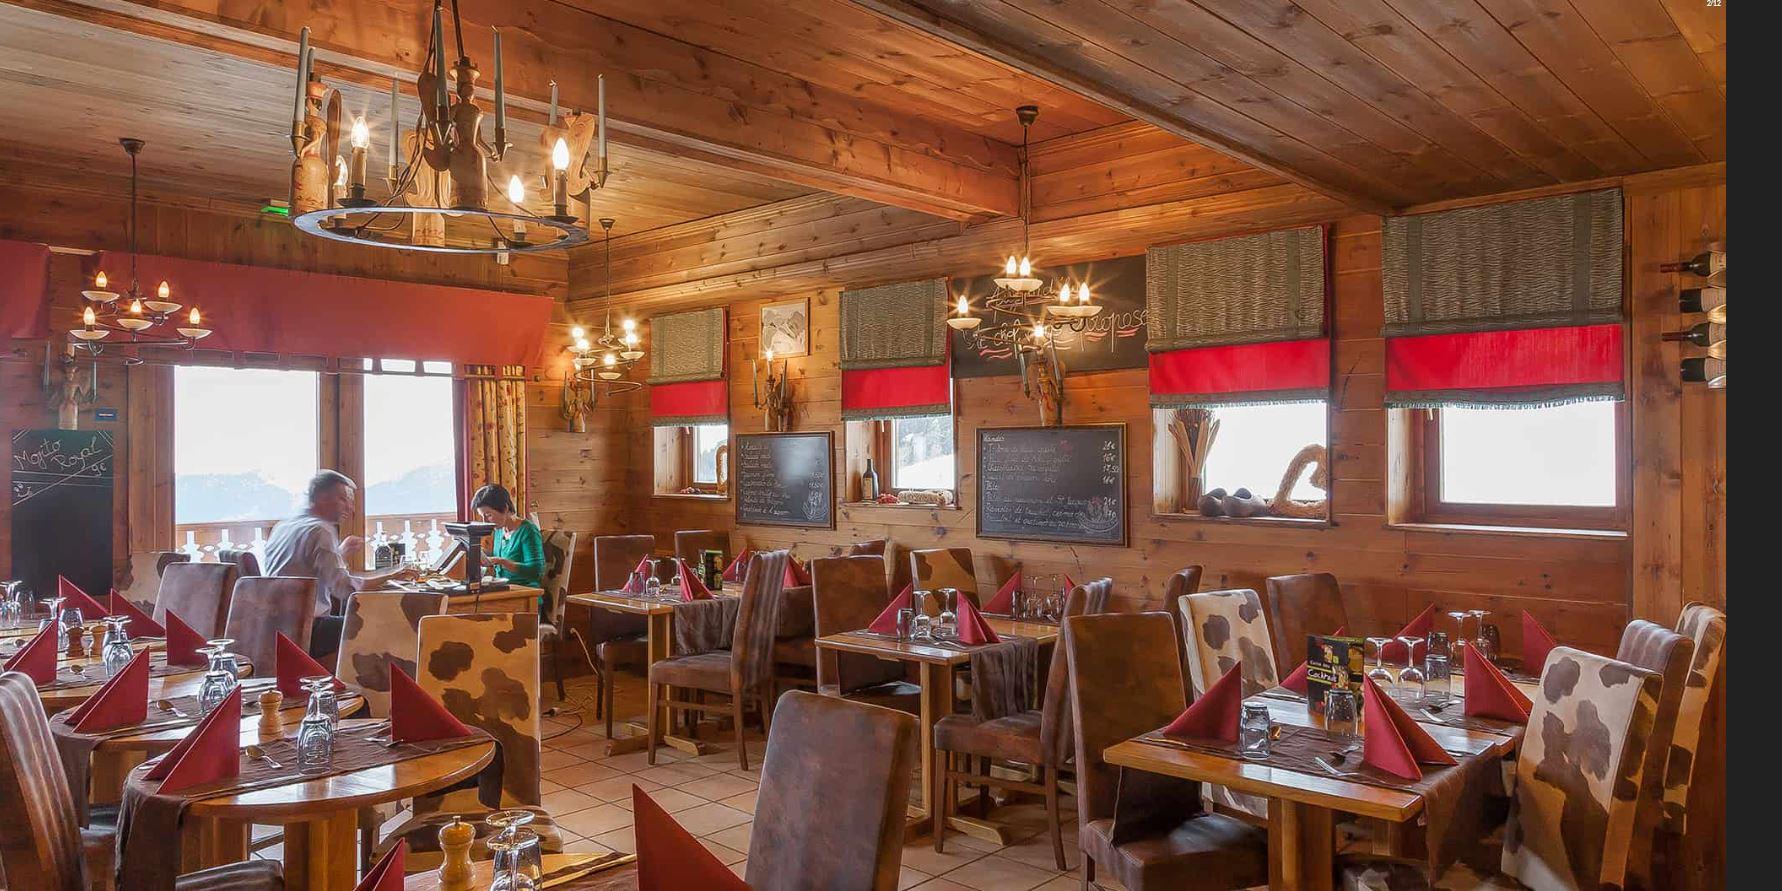 Restaurant for half board at Les Balcons de Belle Plagne